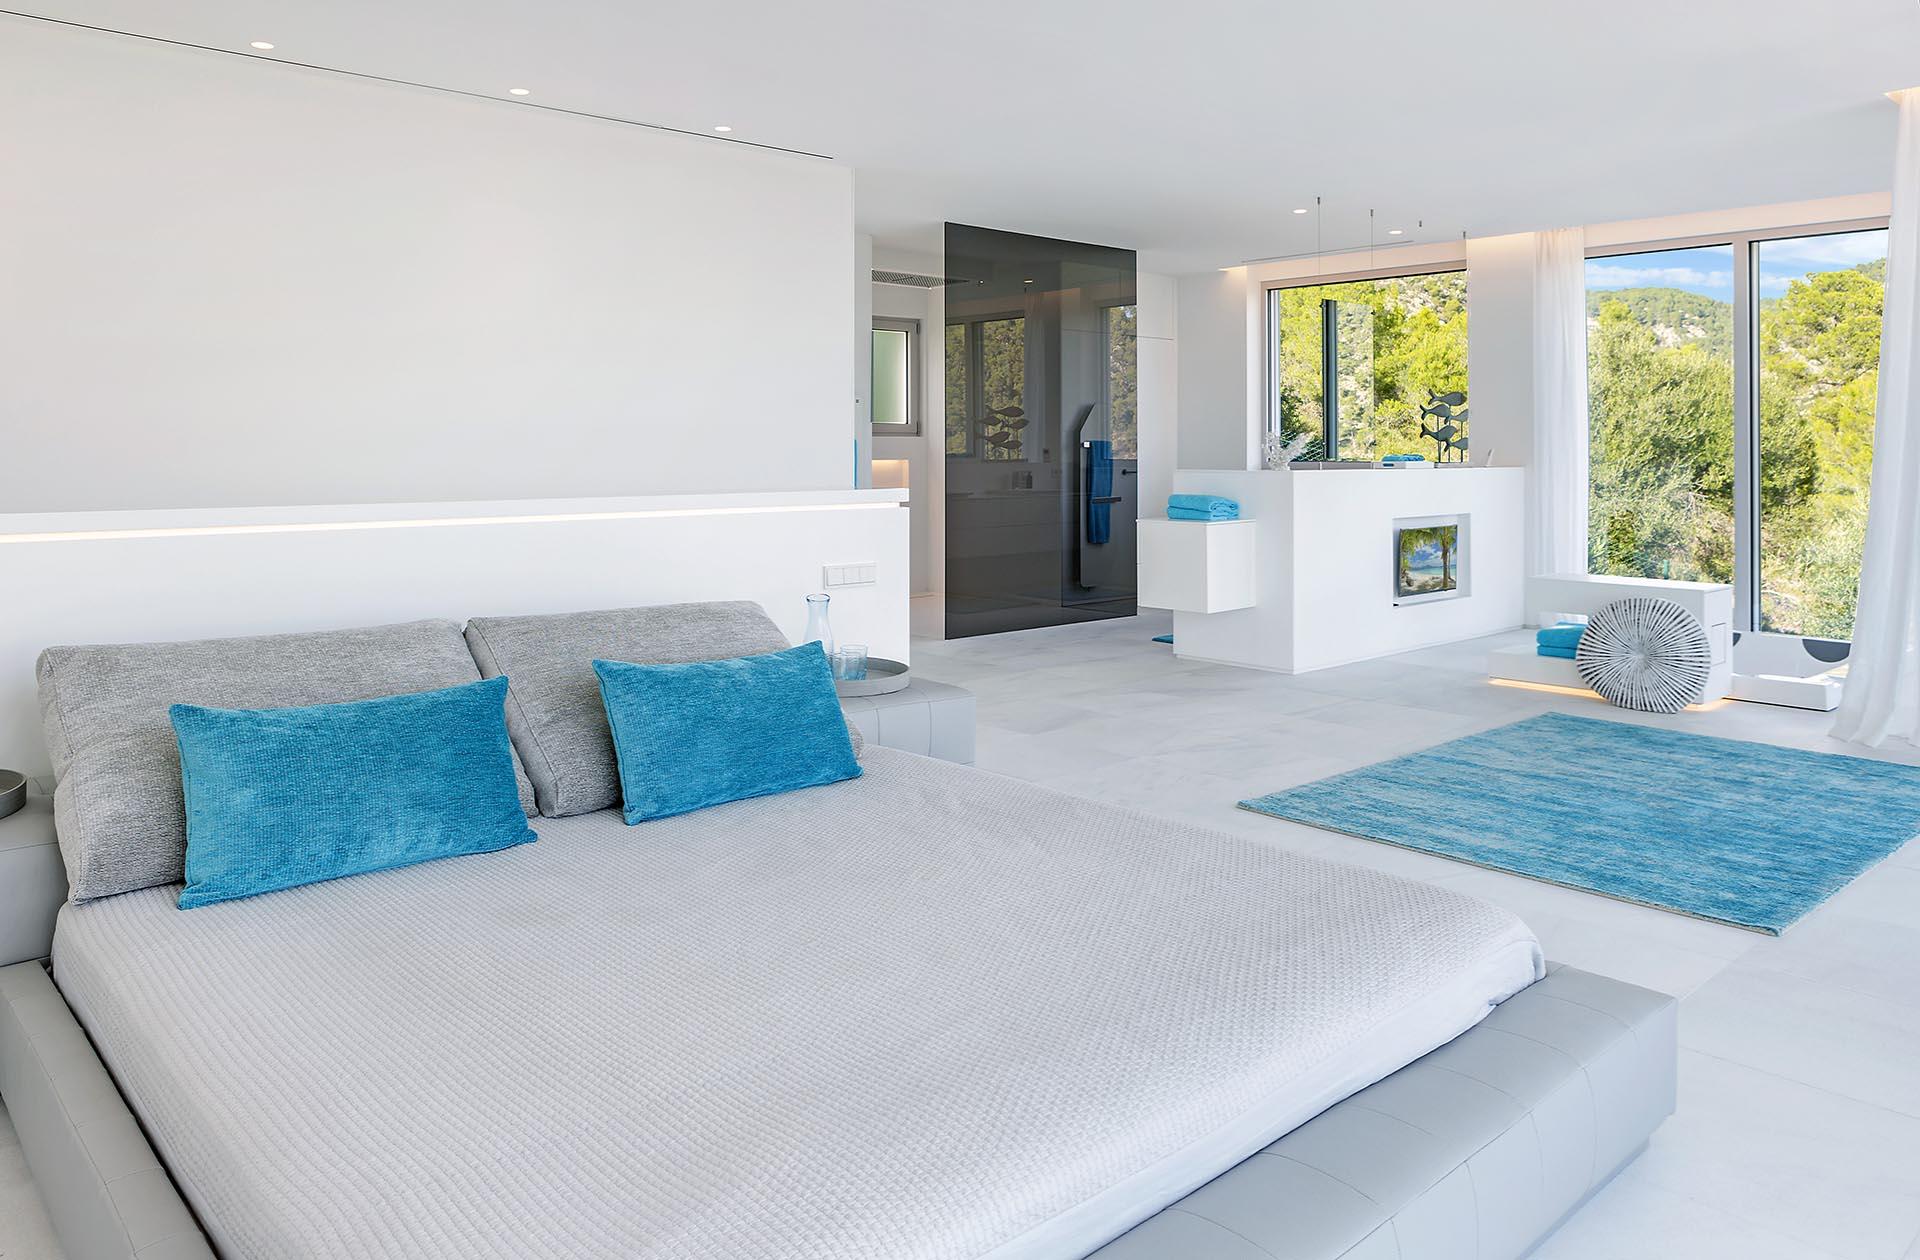 Hermosa villa en Costa d'en Blanes - Dormitorio acogedor